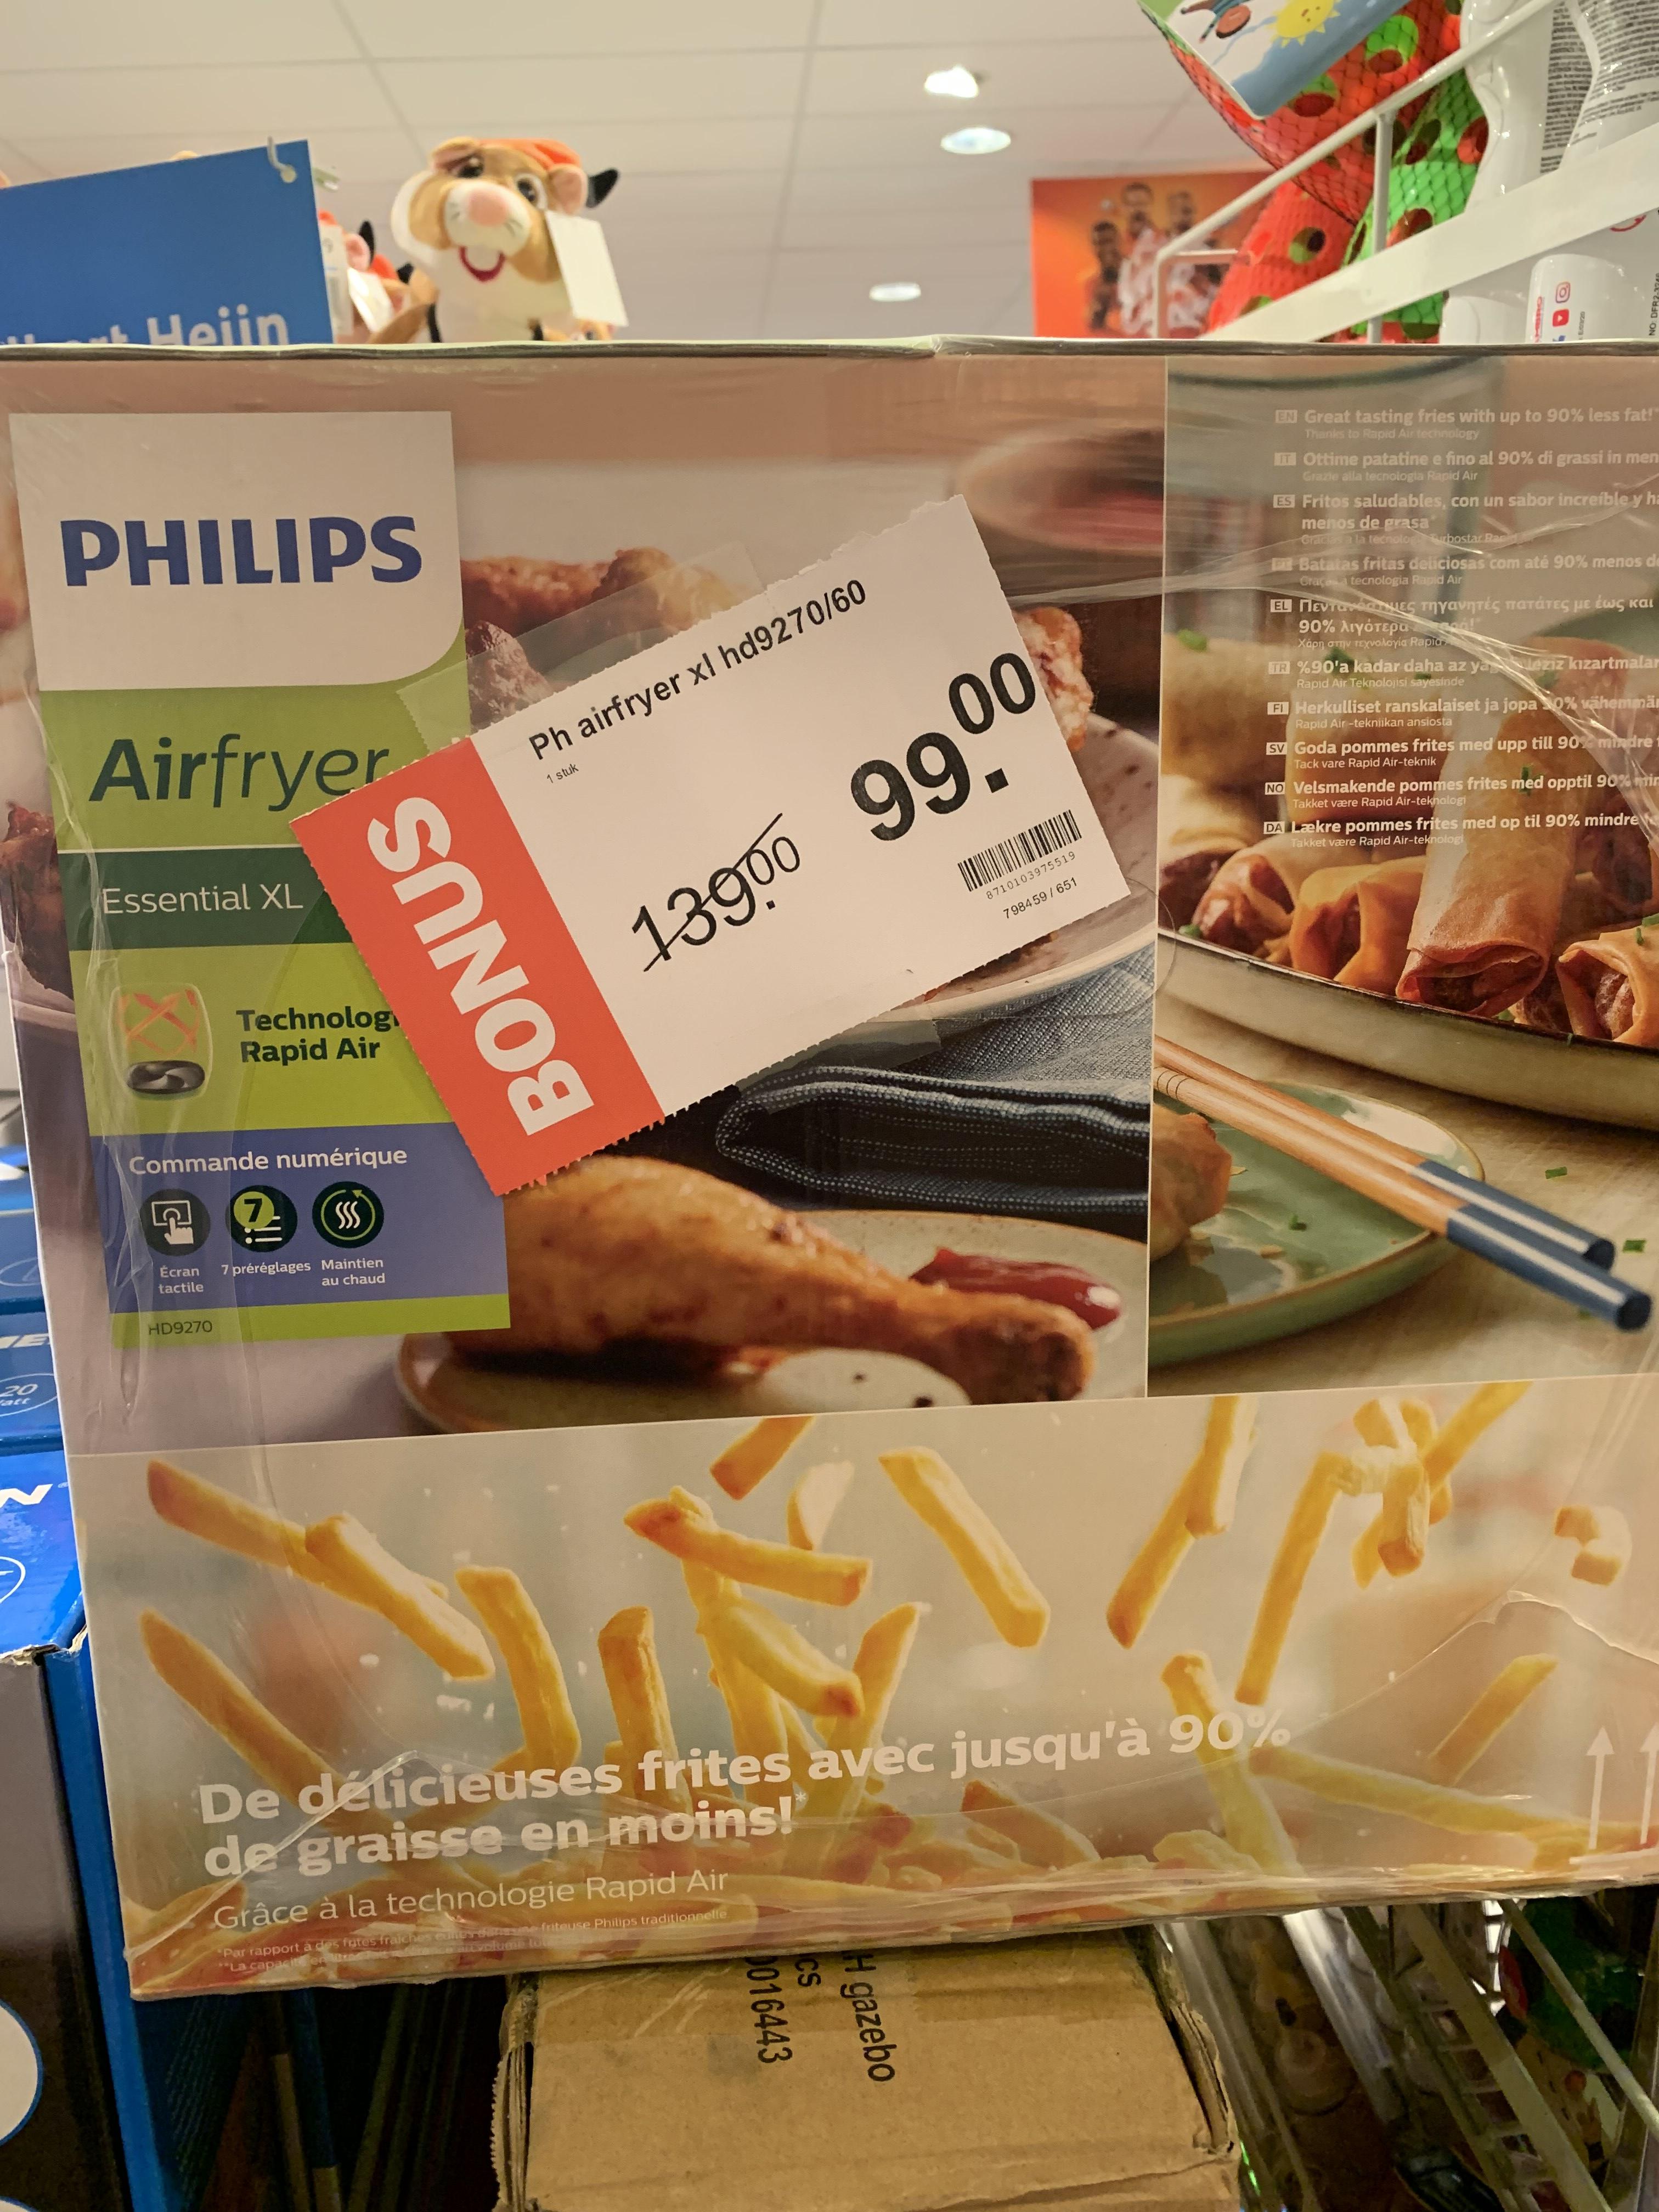 Philips Airfryer HD9270/60 €99 @Albert Heijn Arnhem